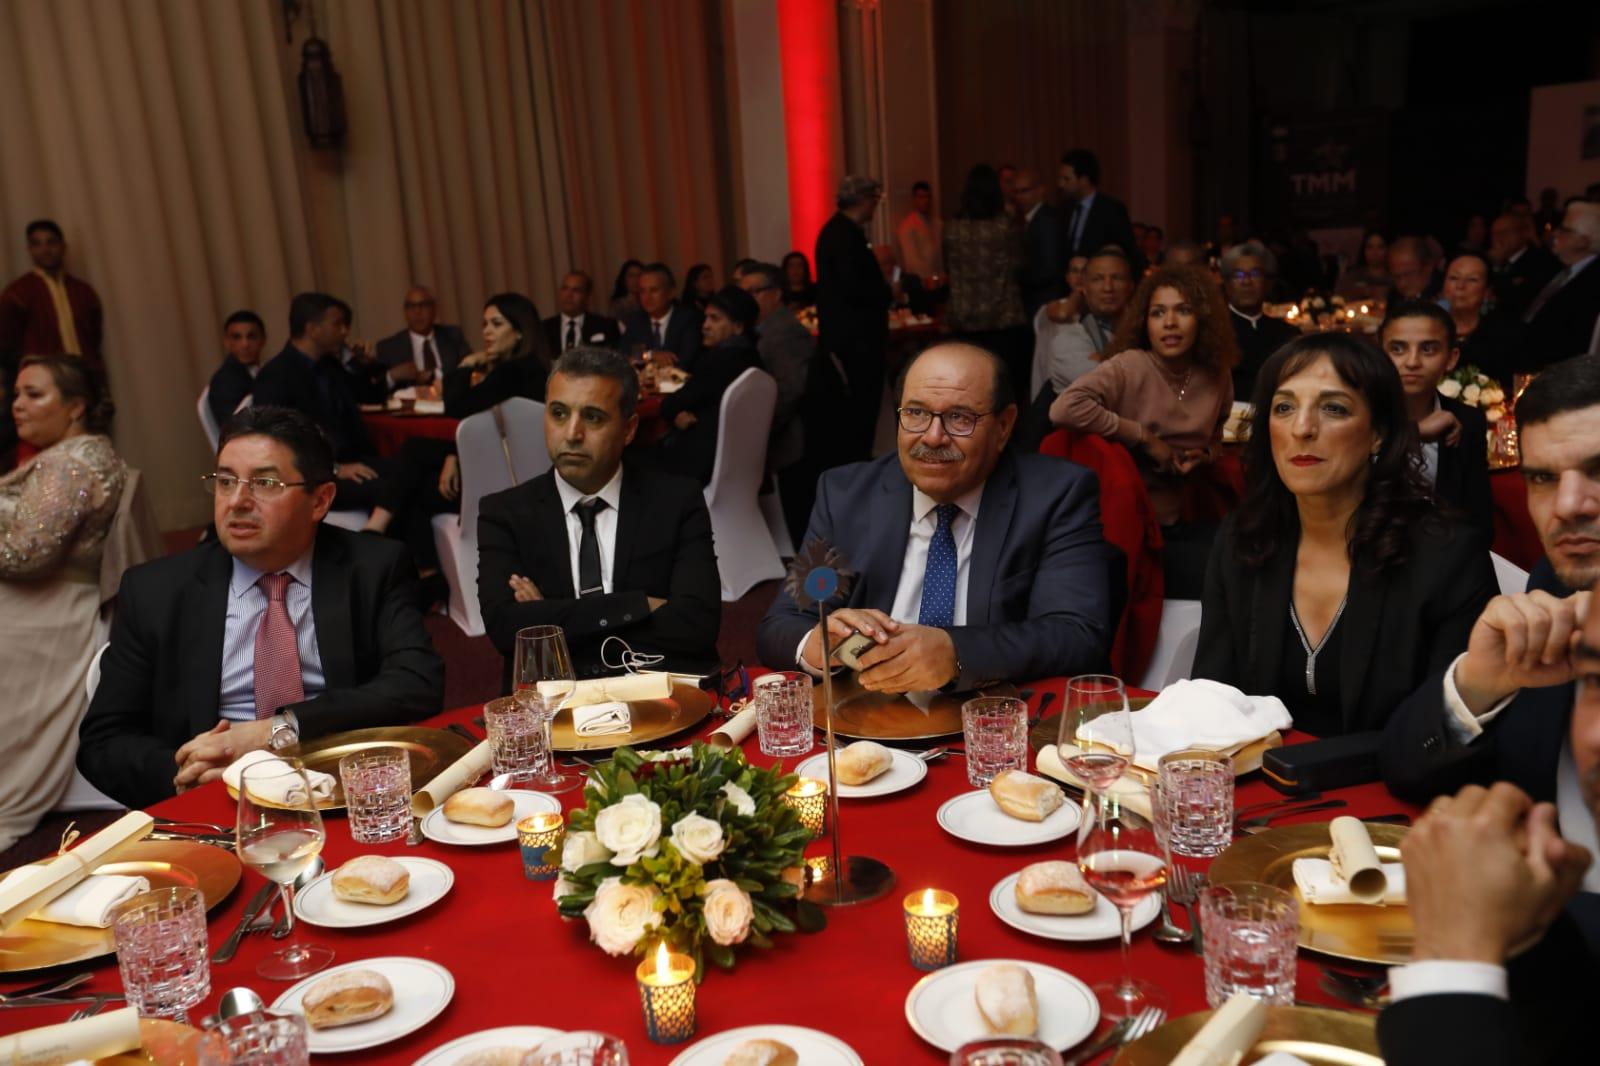 مجلس الجالية المغربية المقيمة في الخارج و مؤسسات أخرى يكرمون رجل الأعمال الناجح شاطر عبد الإله.